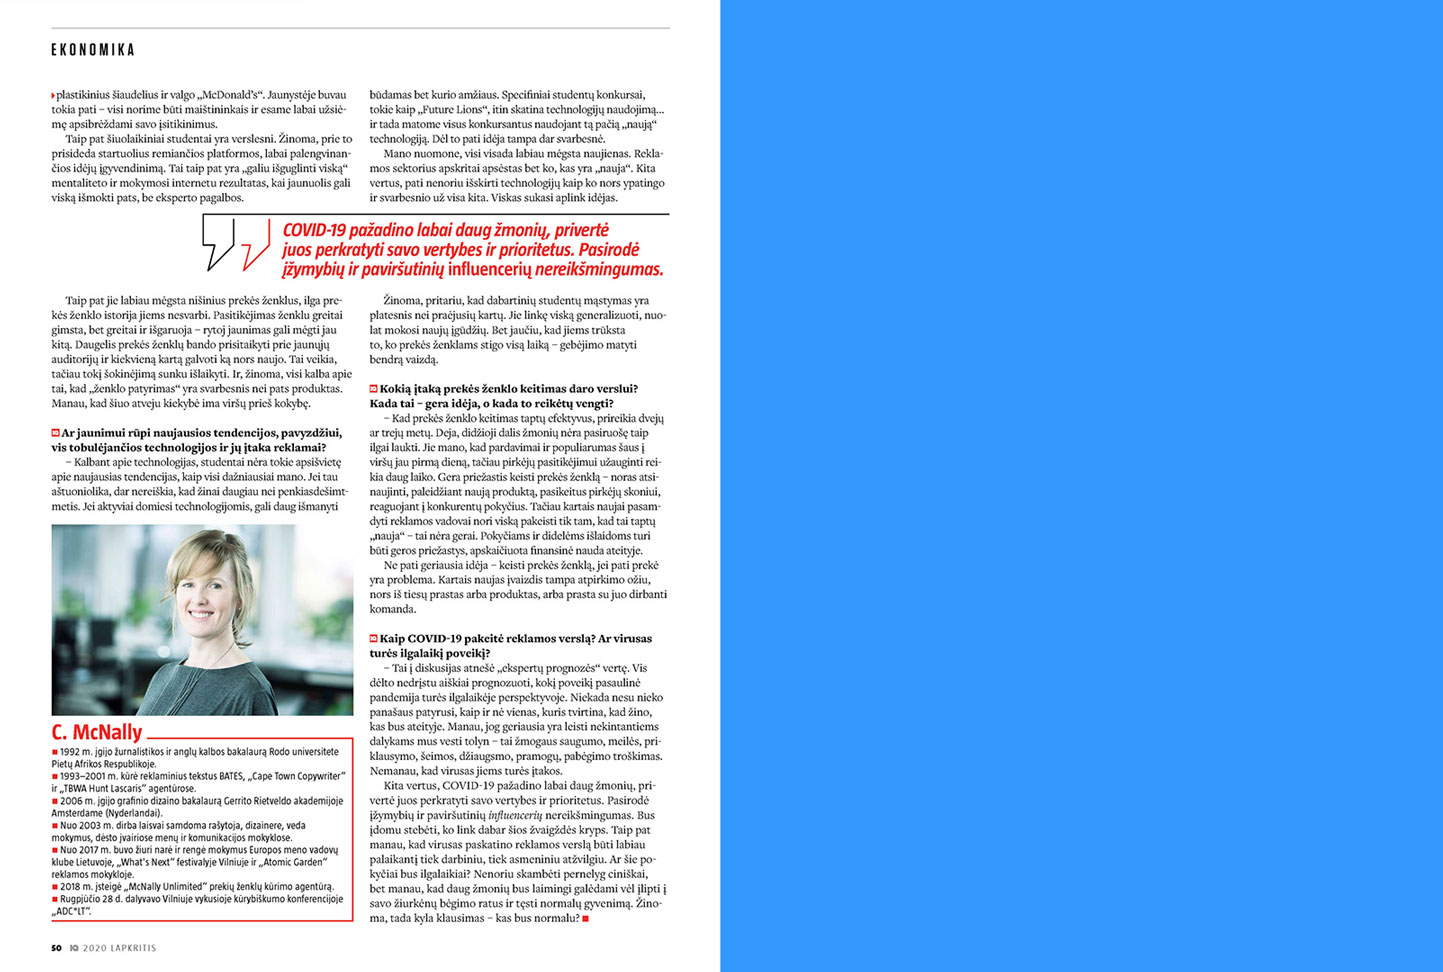 IQ-Clare-McNally-page3-half-blue